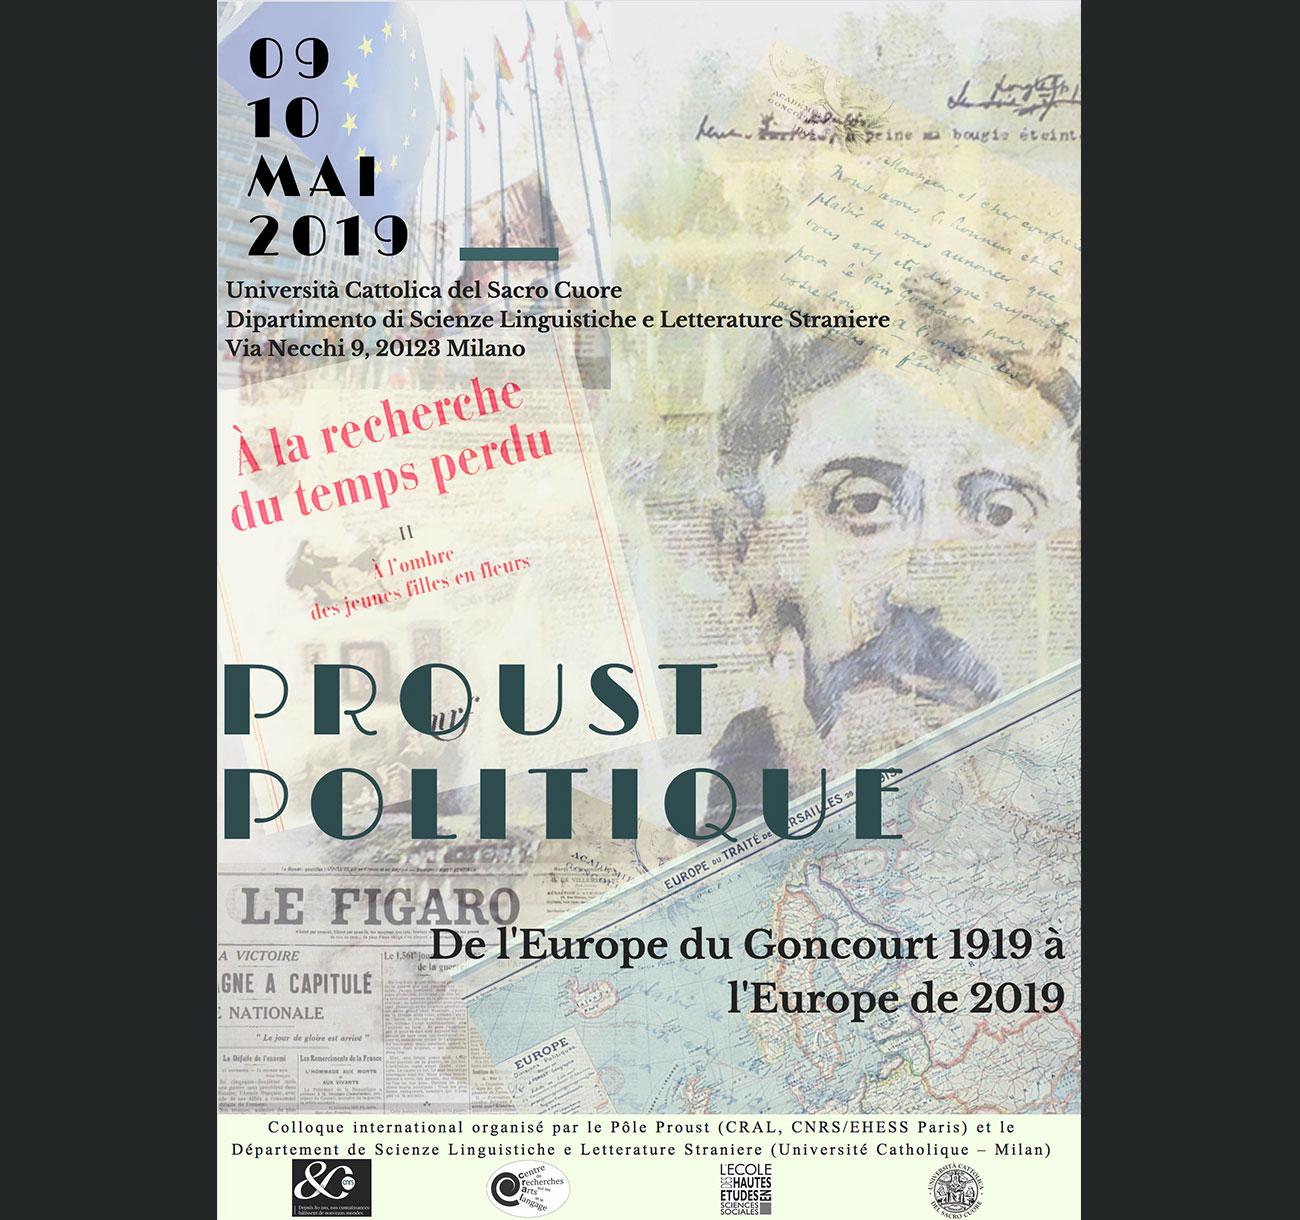 Proust politique. De l'Europe du Goncourt 1919 à l'Europe de 2019